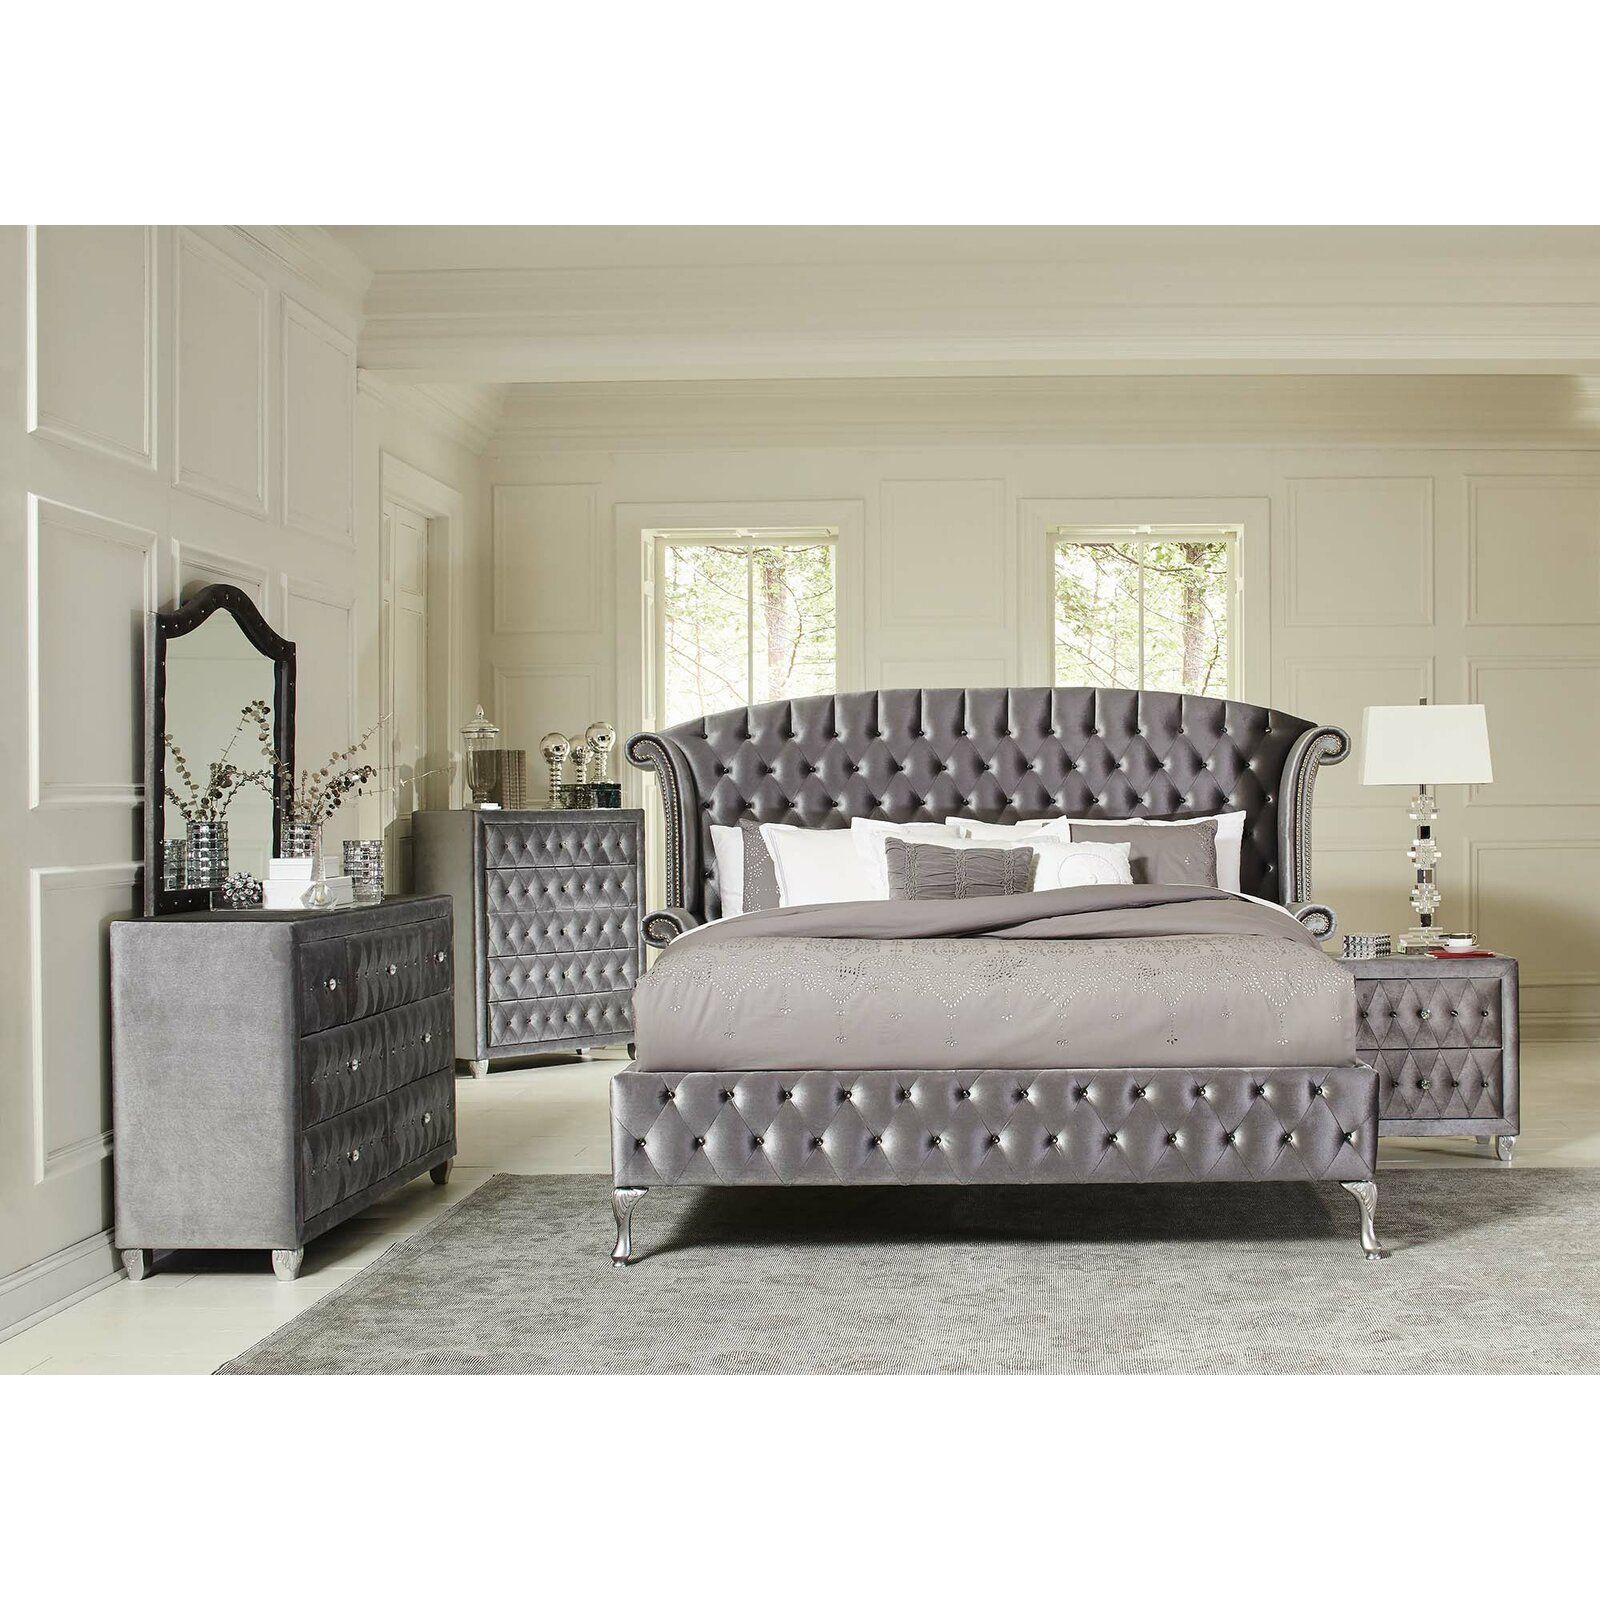 Burlingame Platform Configurable Bedroom Set Upholstered